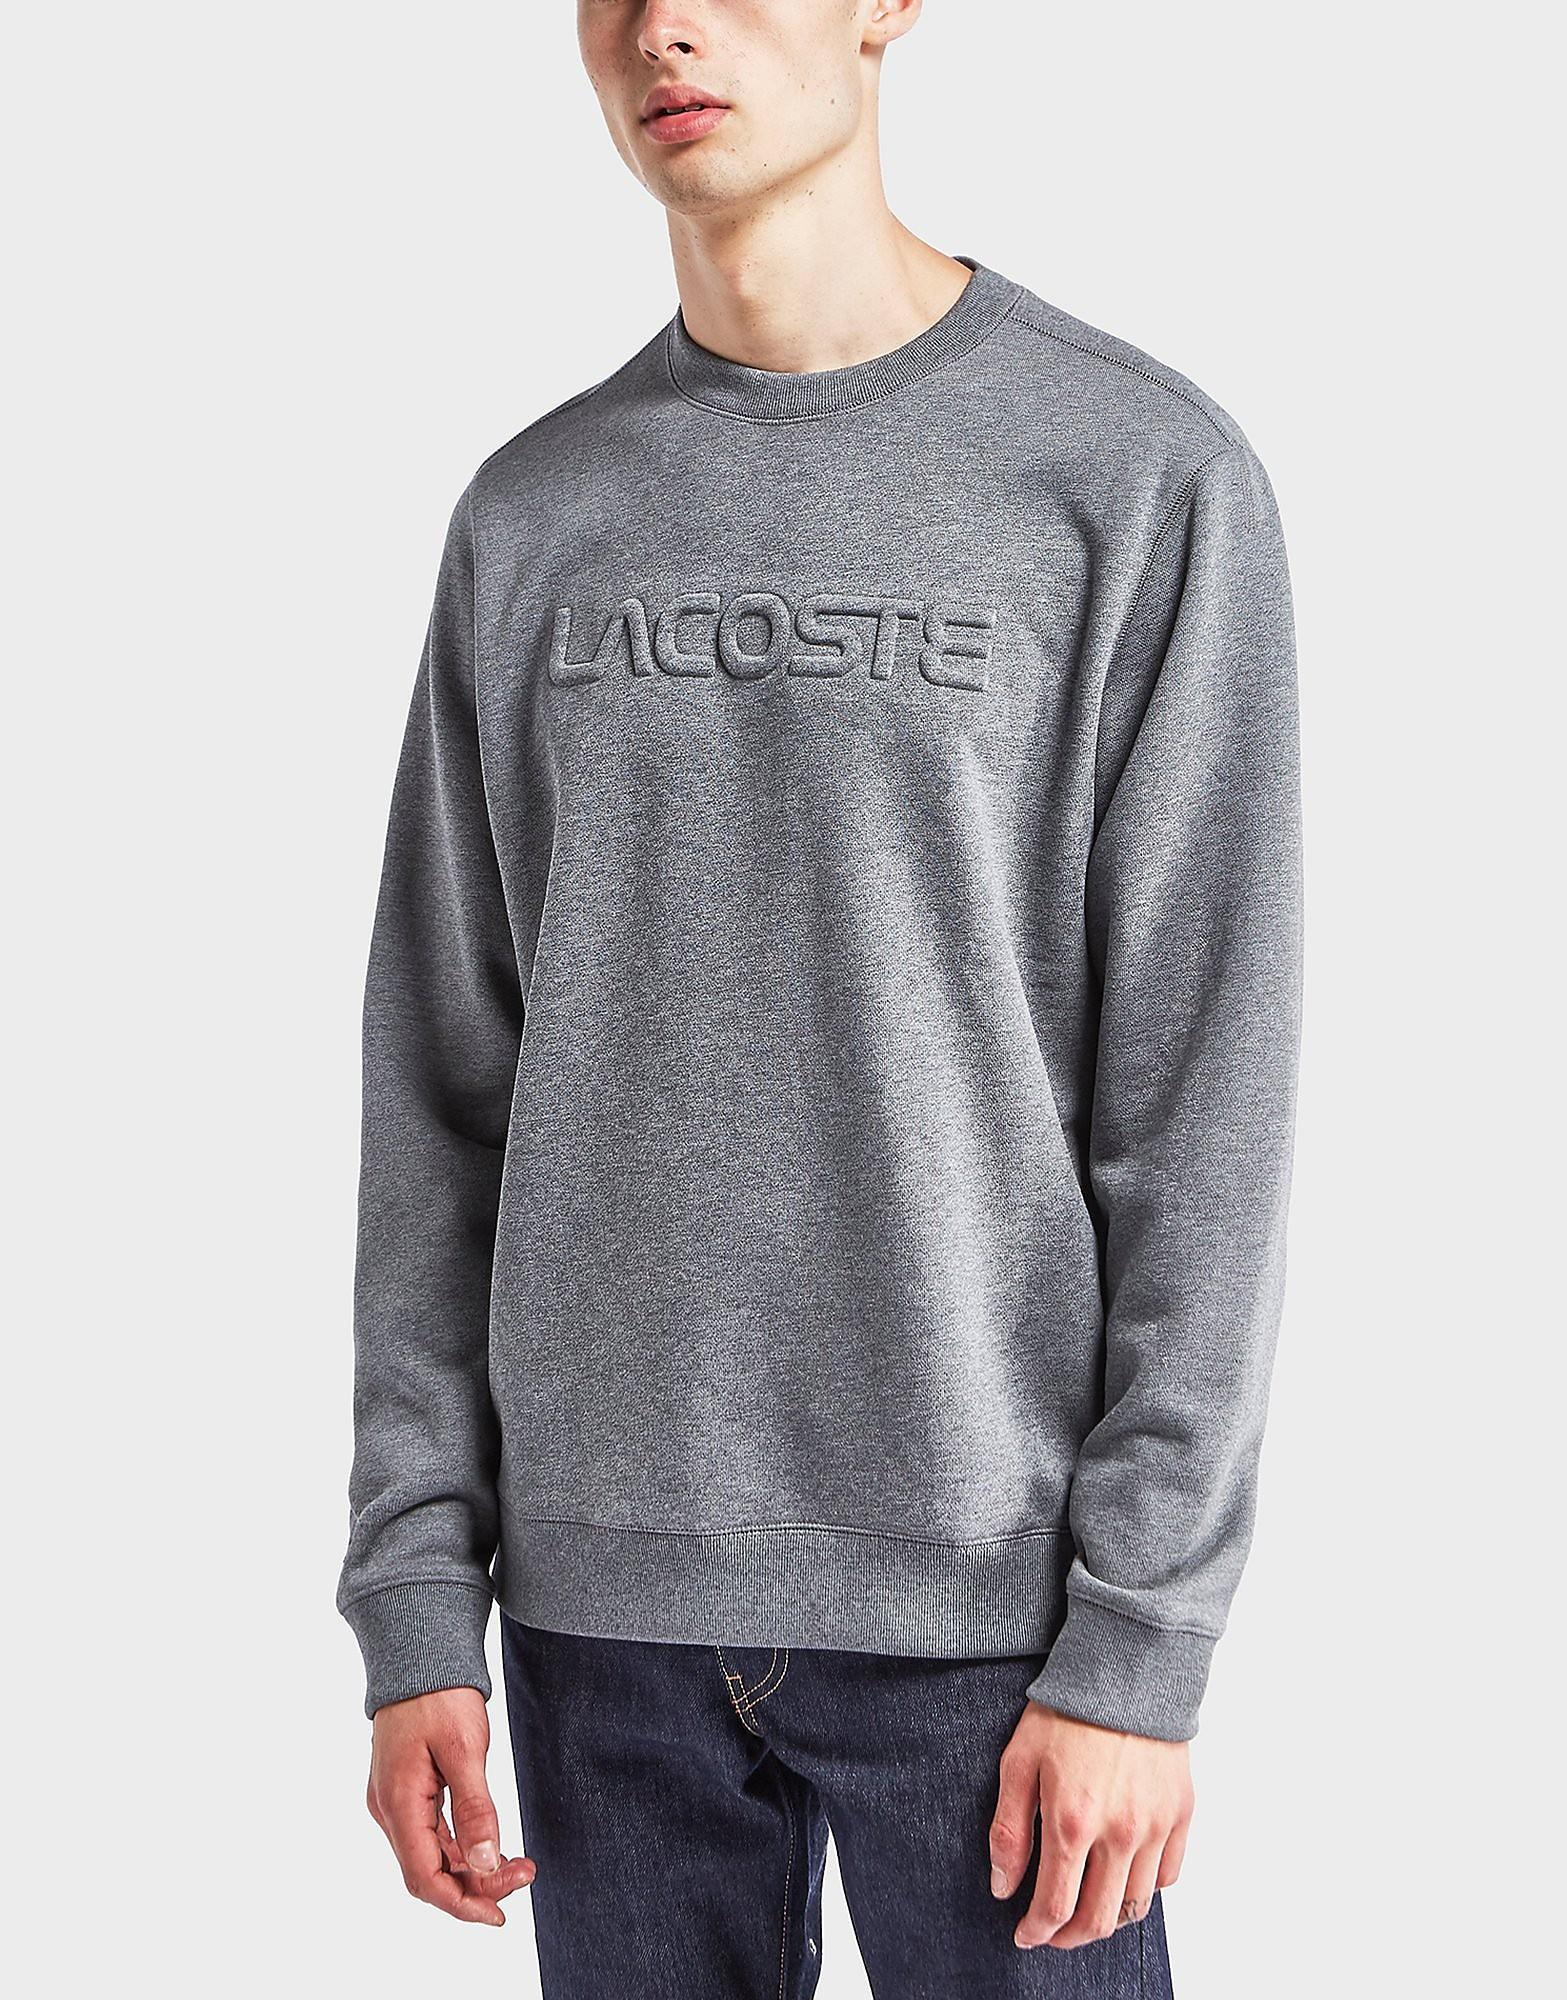 Lacoste Embossed Logo Sweatshirt